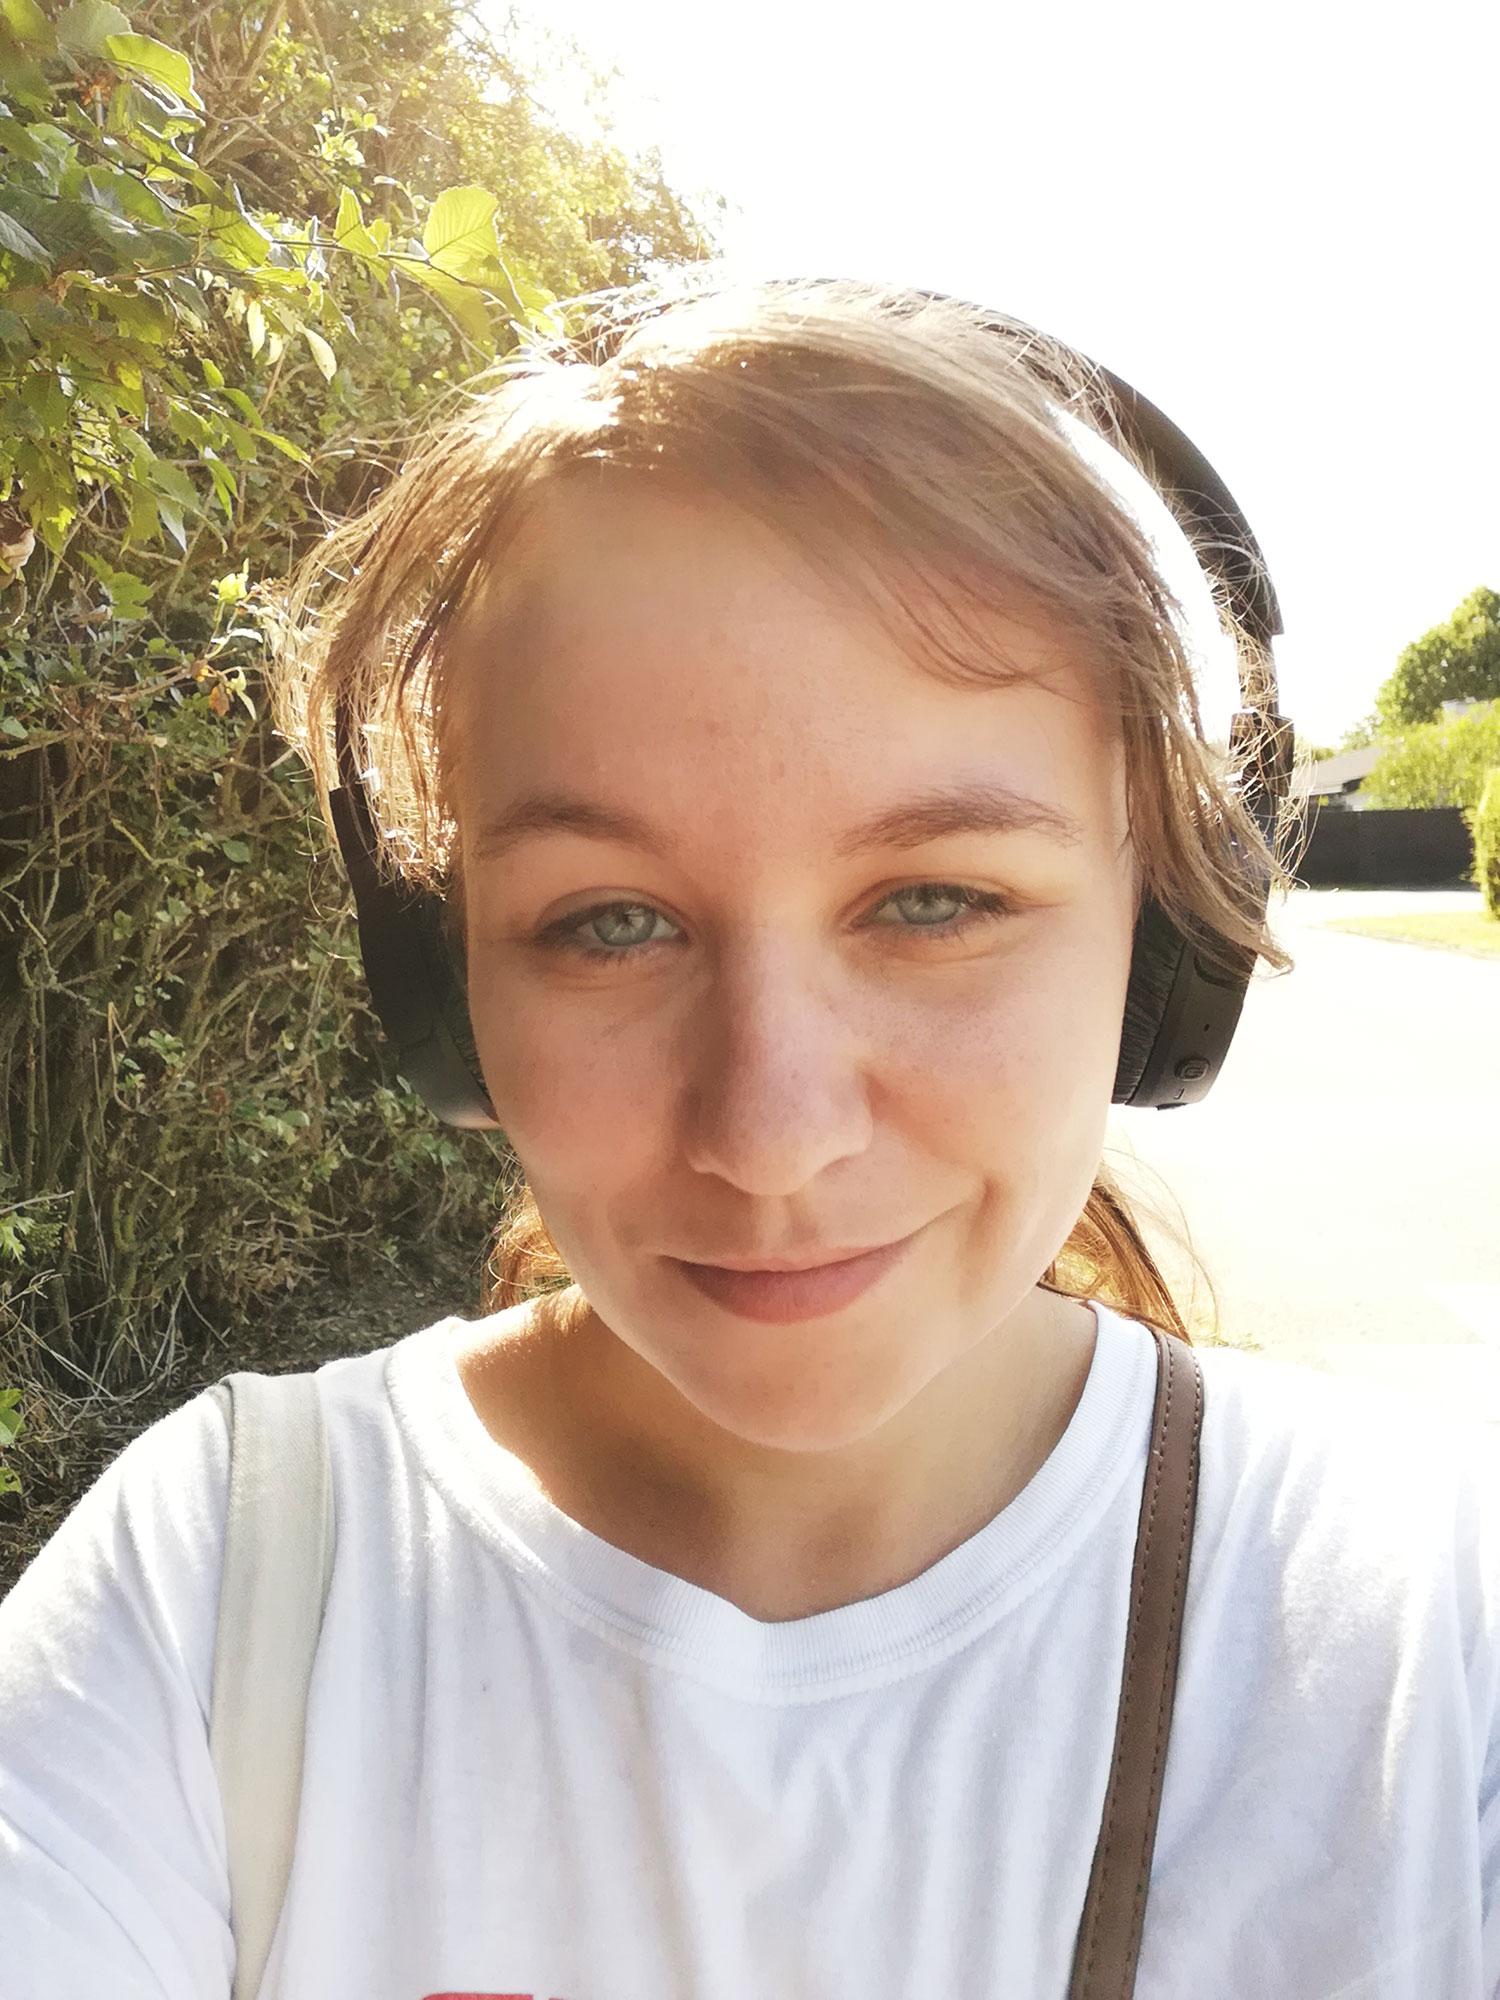 Julie-med-høretelefoner